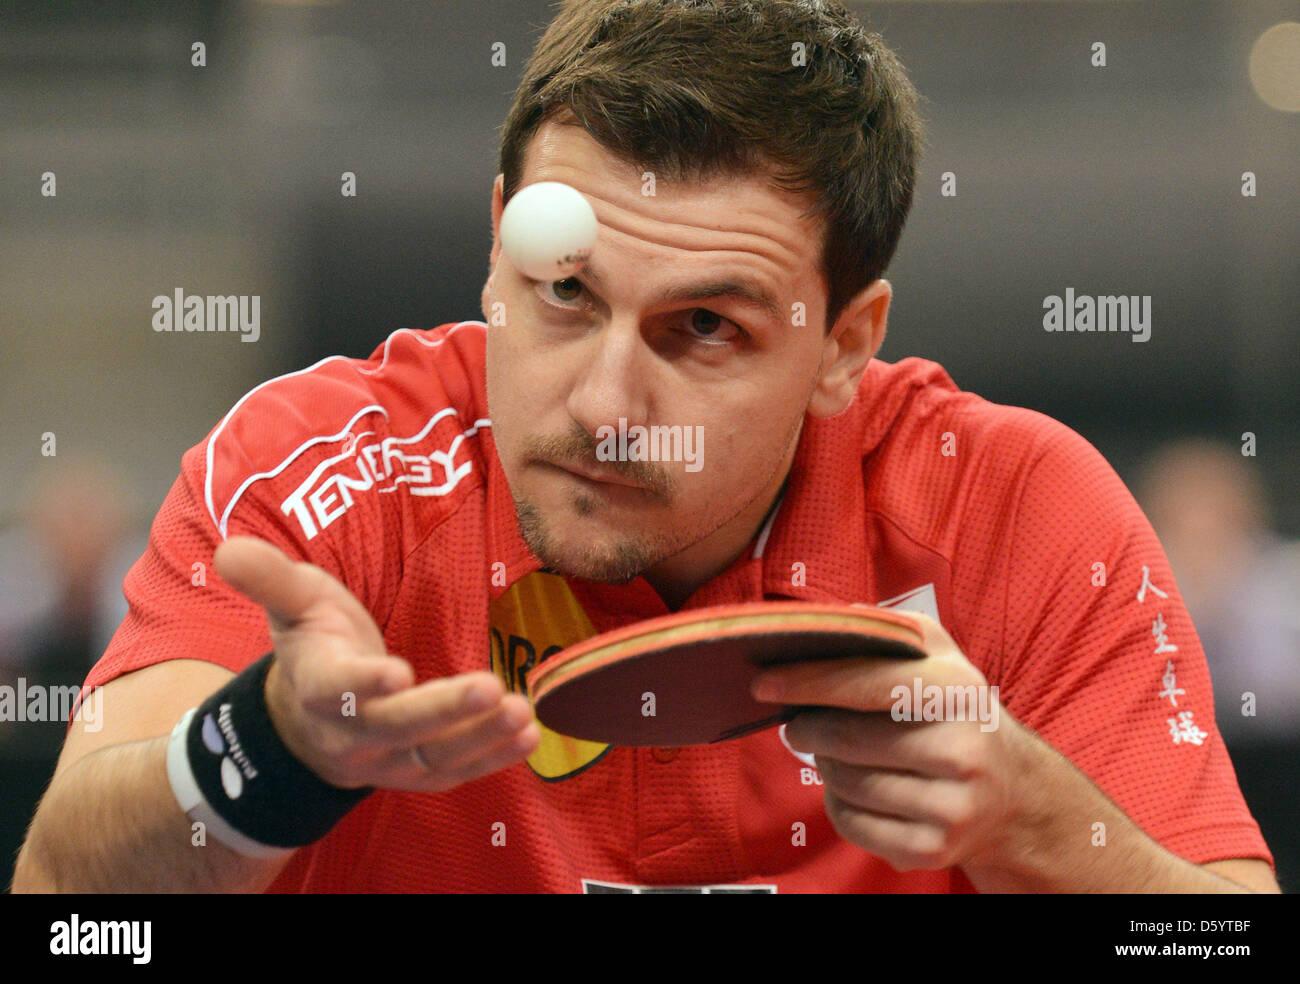 Tabella tedesco giocatore di tennis Timo Boll serve la palla durante una partita contro Yoshimura dal Giappone al Immagini Stock